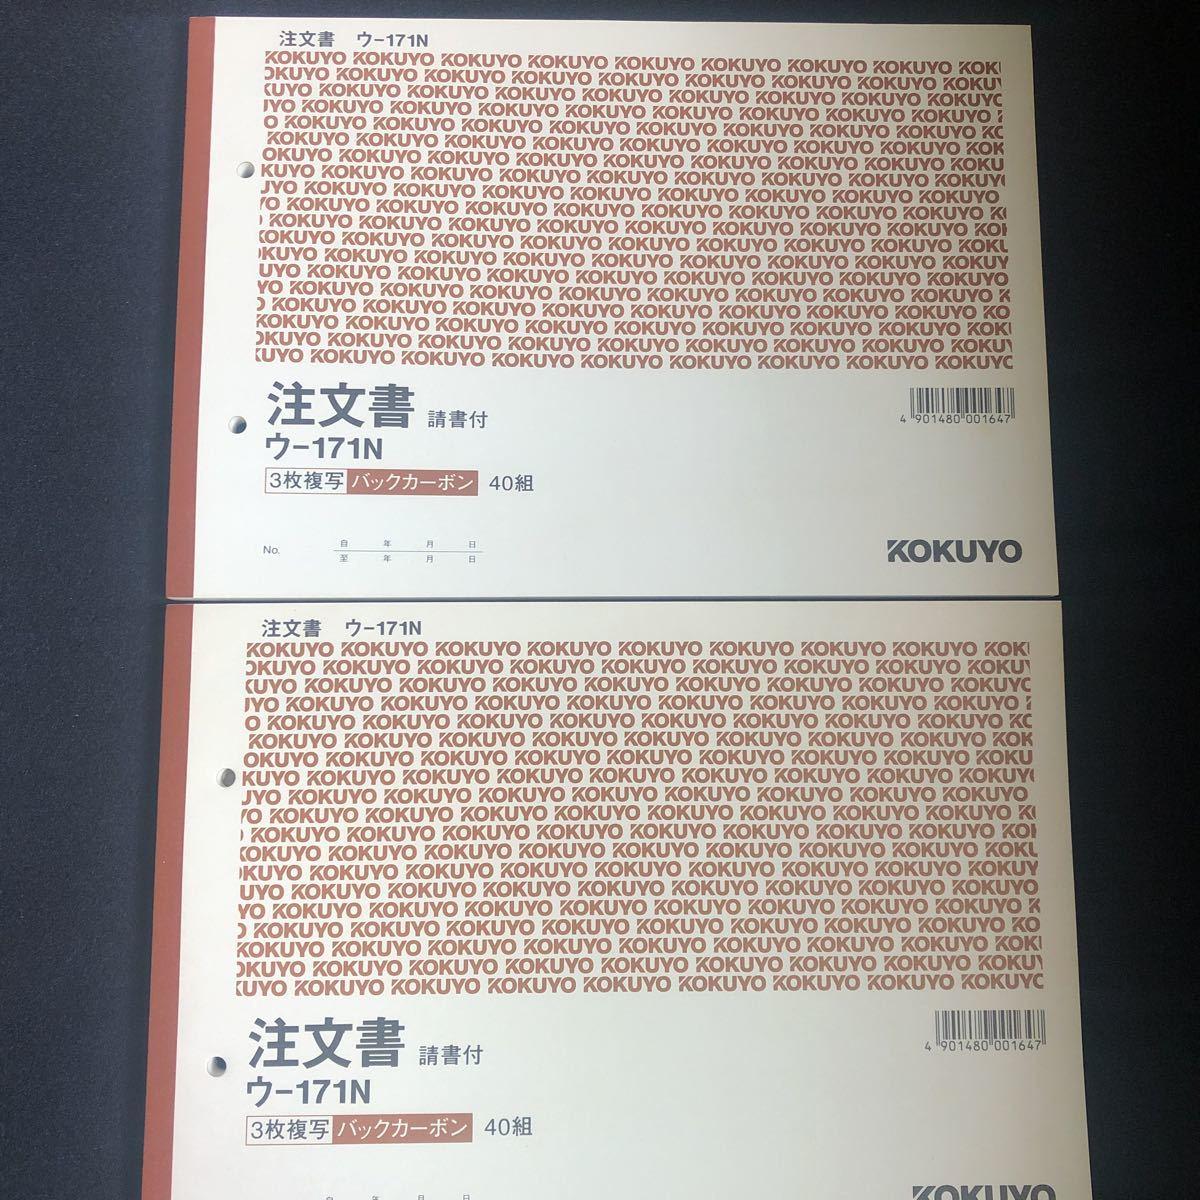 注文書 KOKUYO コクヨ 2冊 ウ-171N 3枚複写 バックカーボン 40組 請書付き 焼け 匂い等がございます_画像1